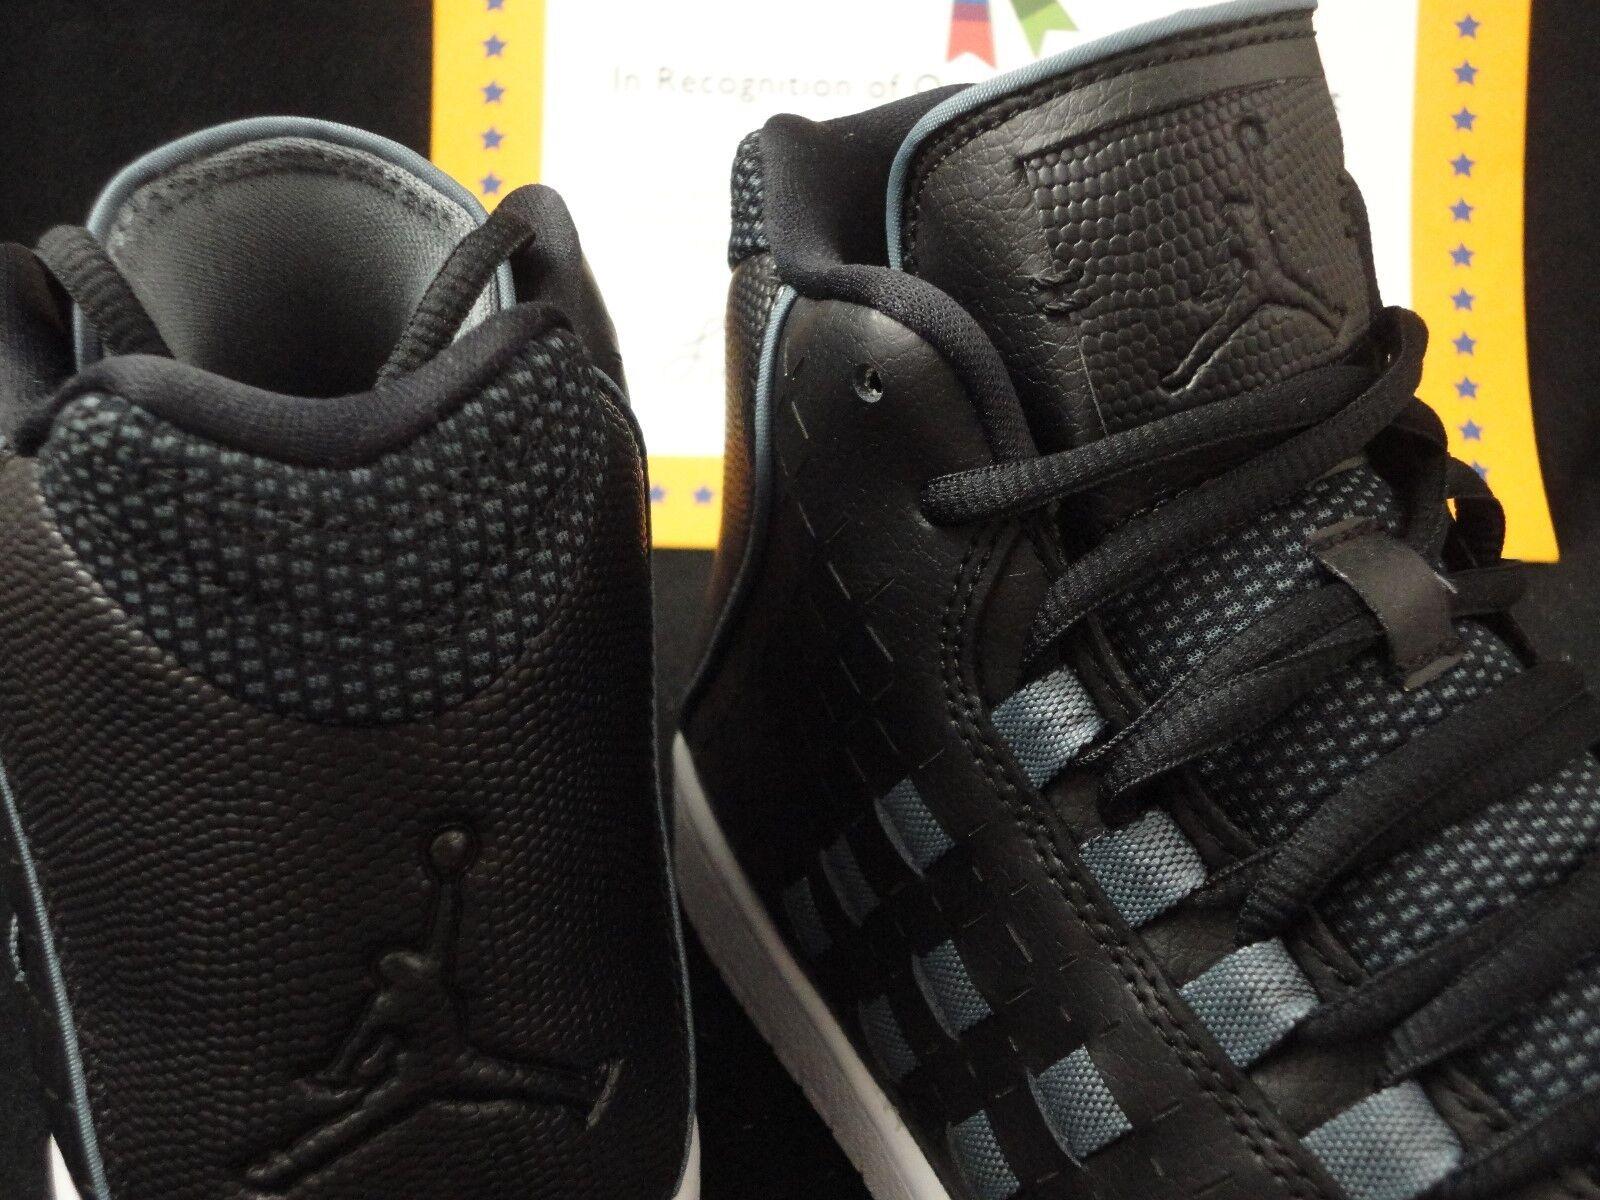 Nike Jordan Illusion, Black / Blue Graphite, Nike Dunk Sole, Size 11